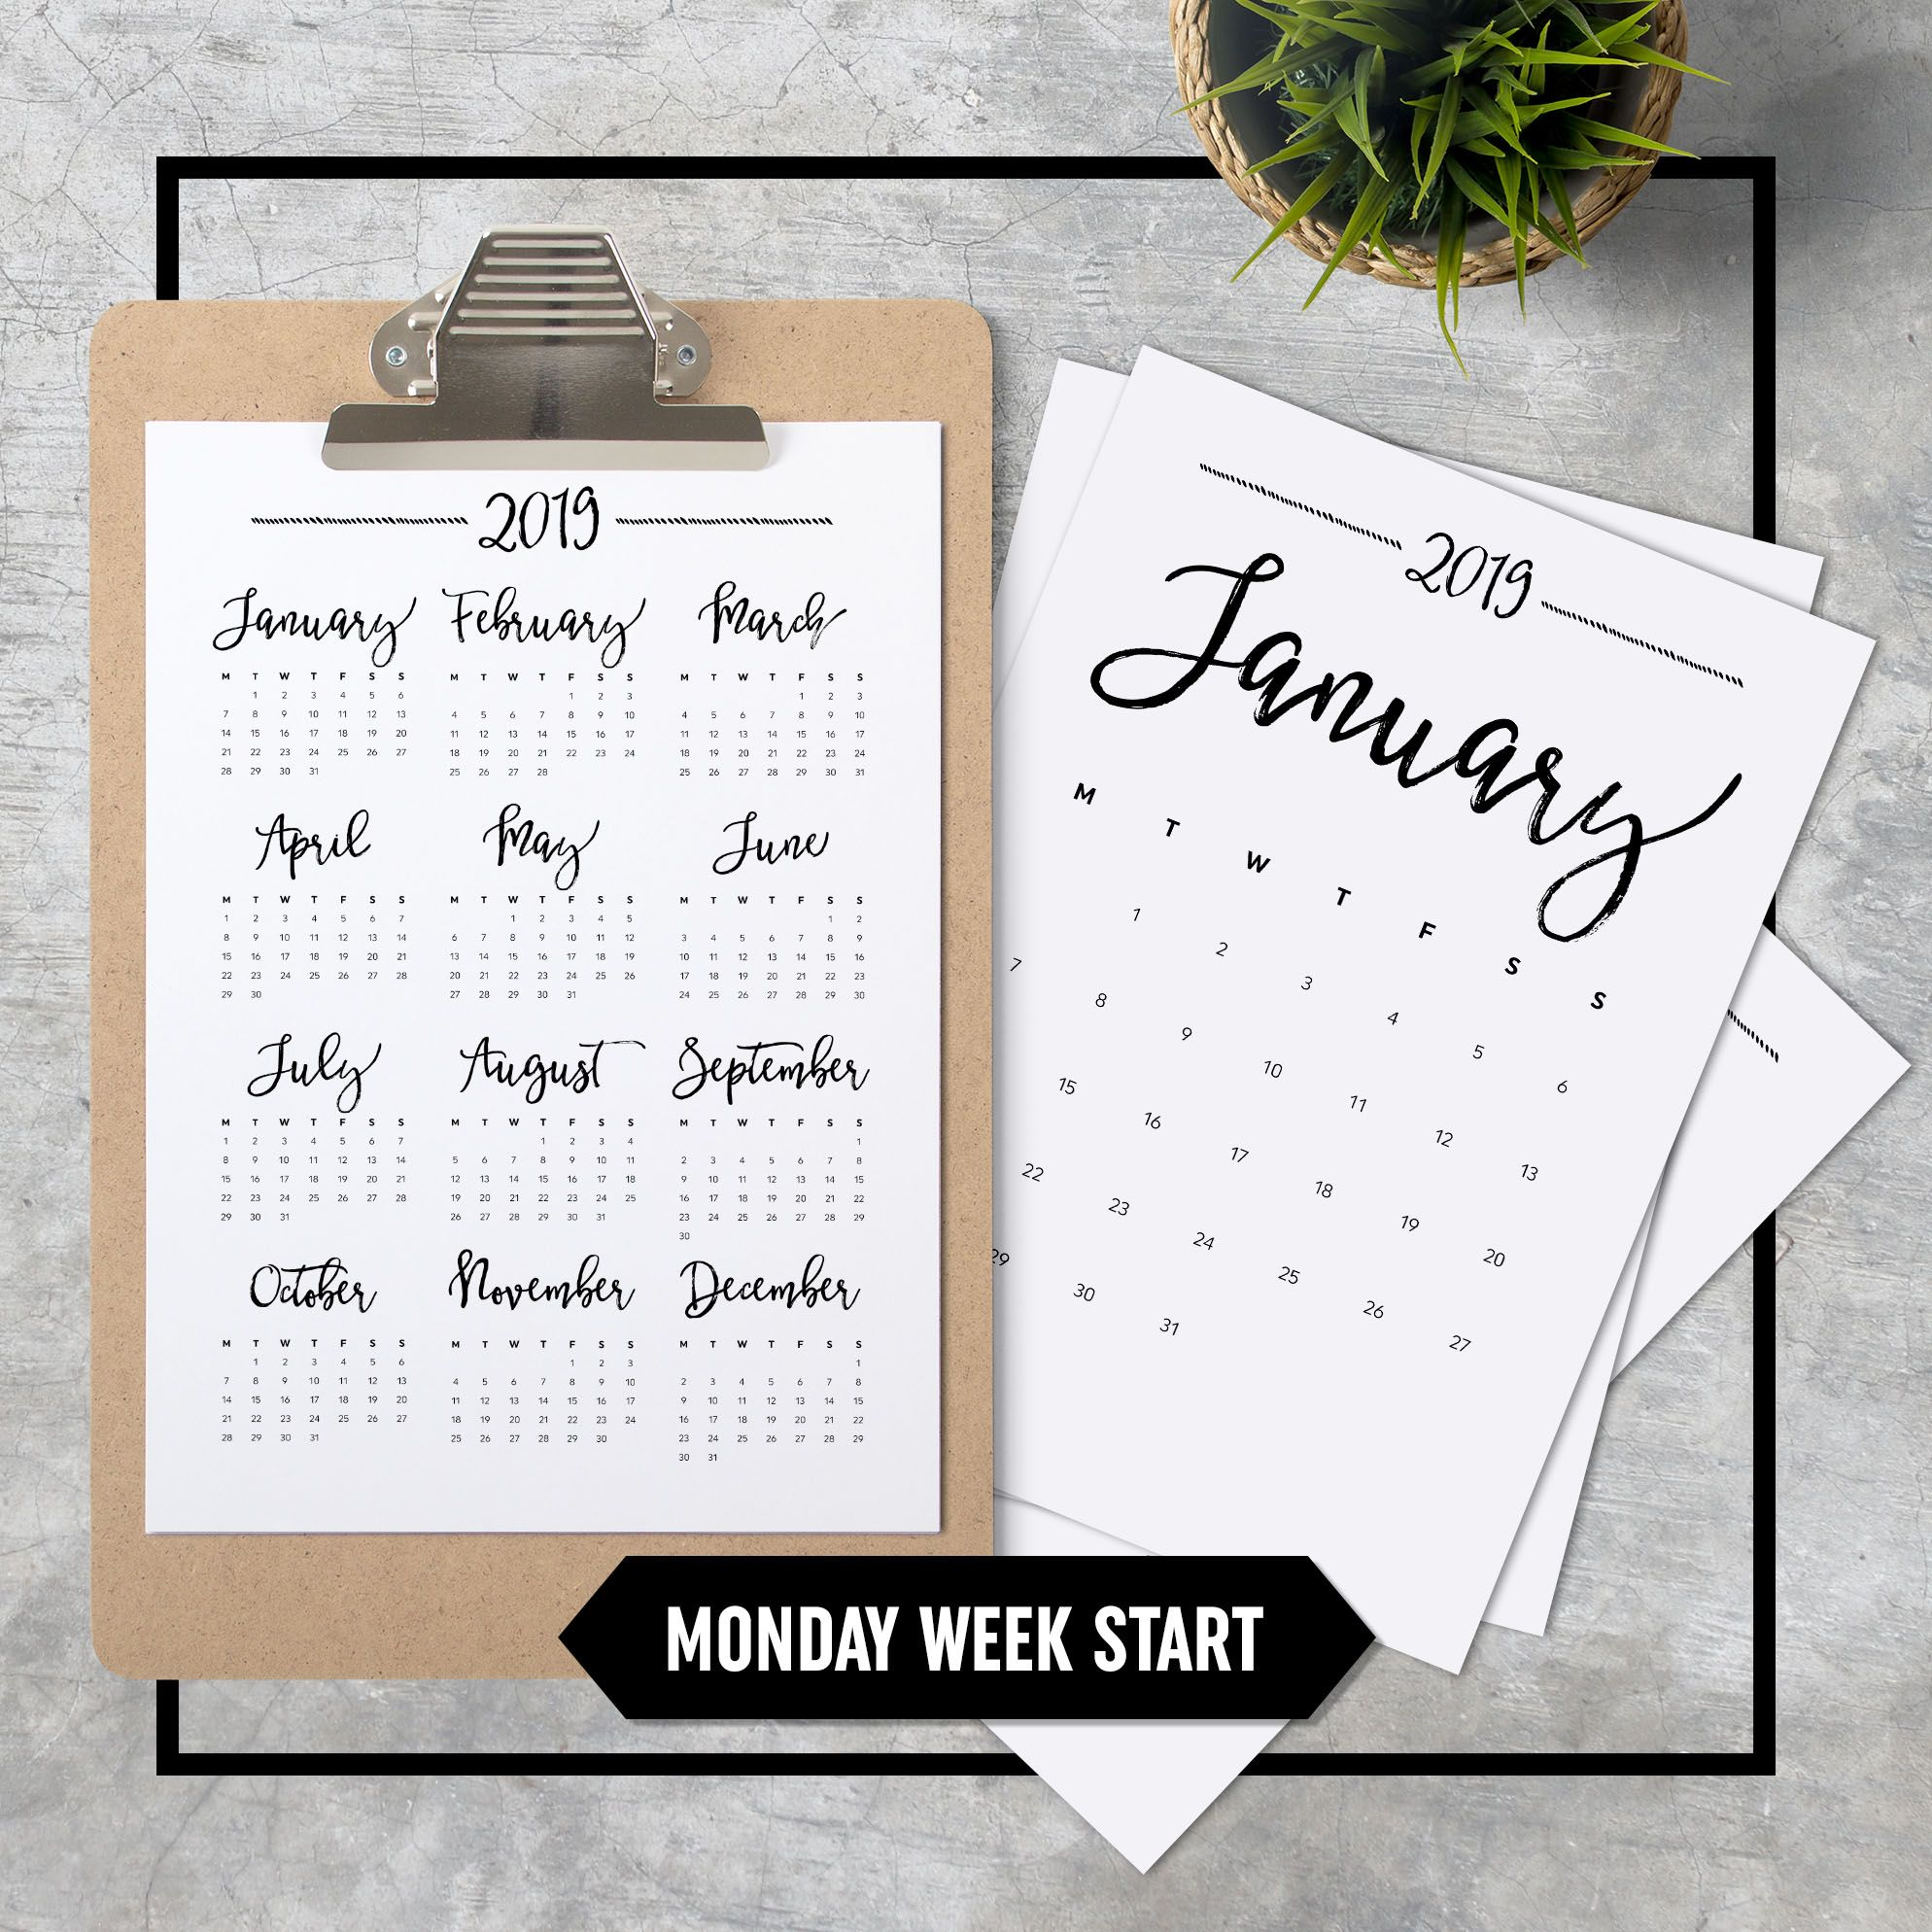 Calendar A4 Printable Minimalistic Monday Week